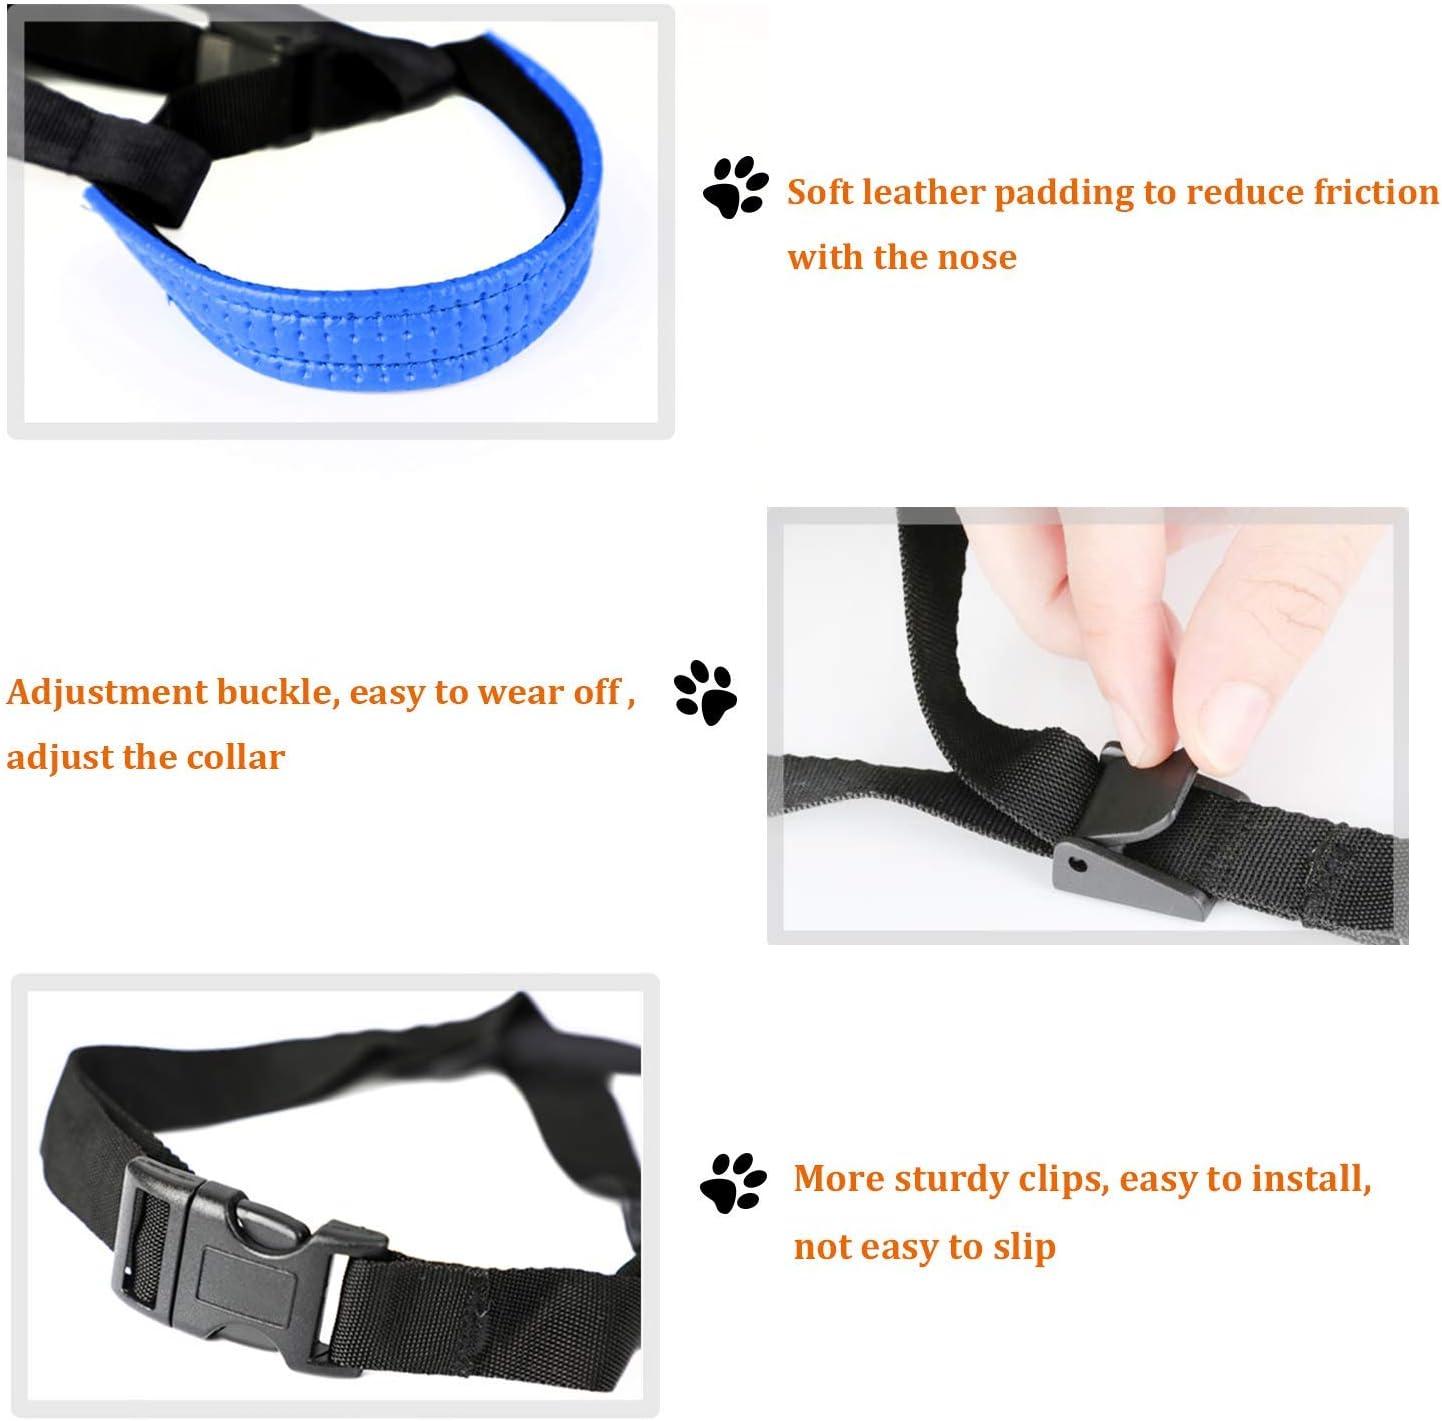 Confortable al Tacto el Collar para Perros Frena los Tirones y Deja de Tirar RockPet Correa de Adiestramiento para Perros de Piel Acolchado L,Verde Herramienta de Entrenamiento Ajustable